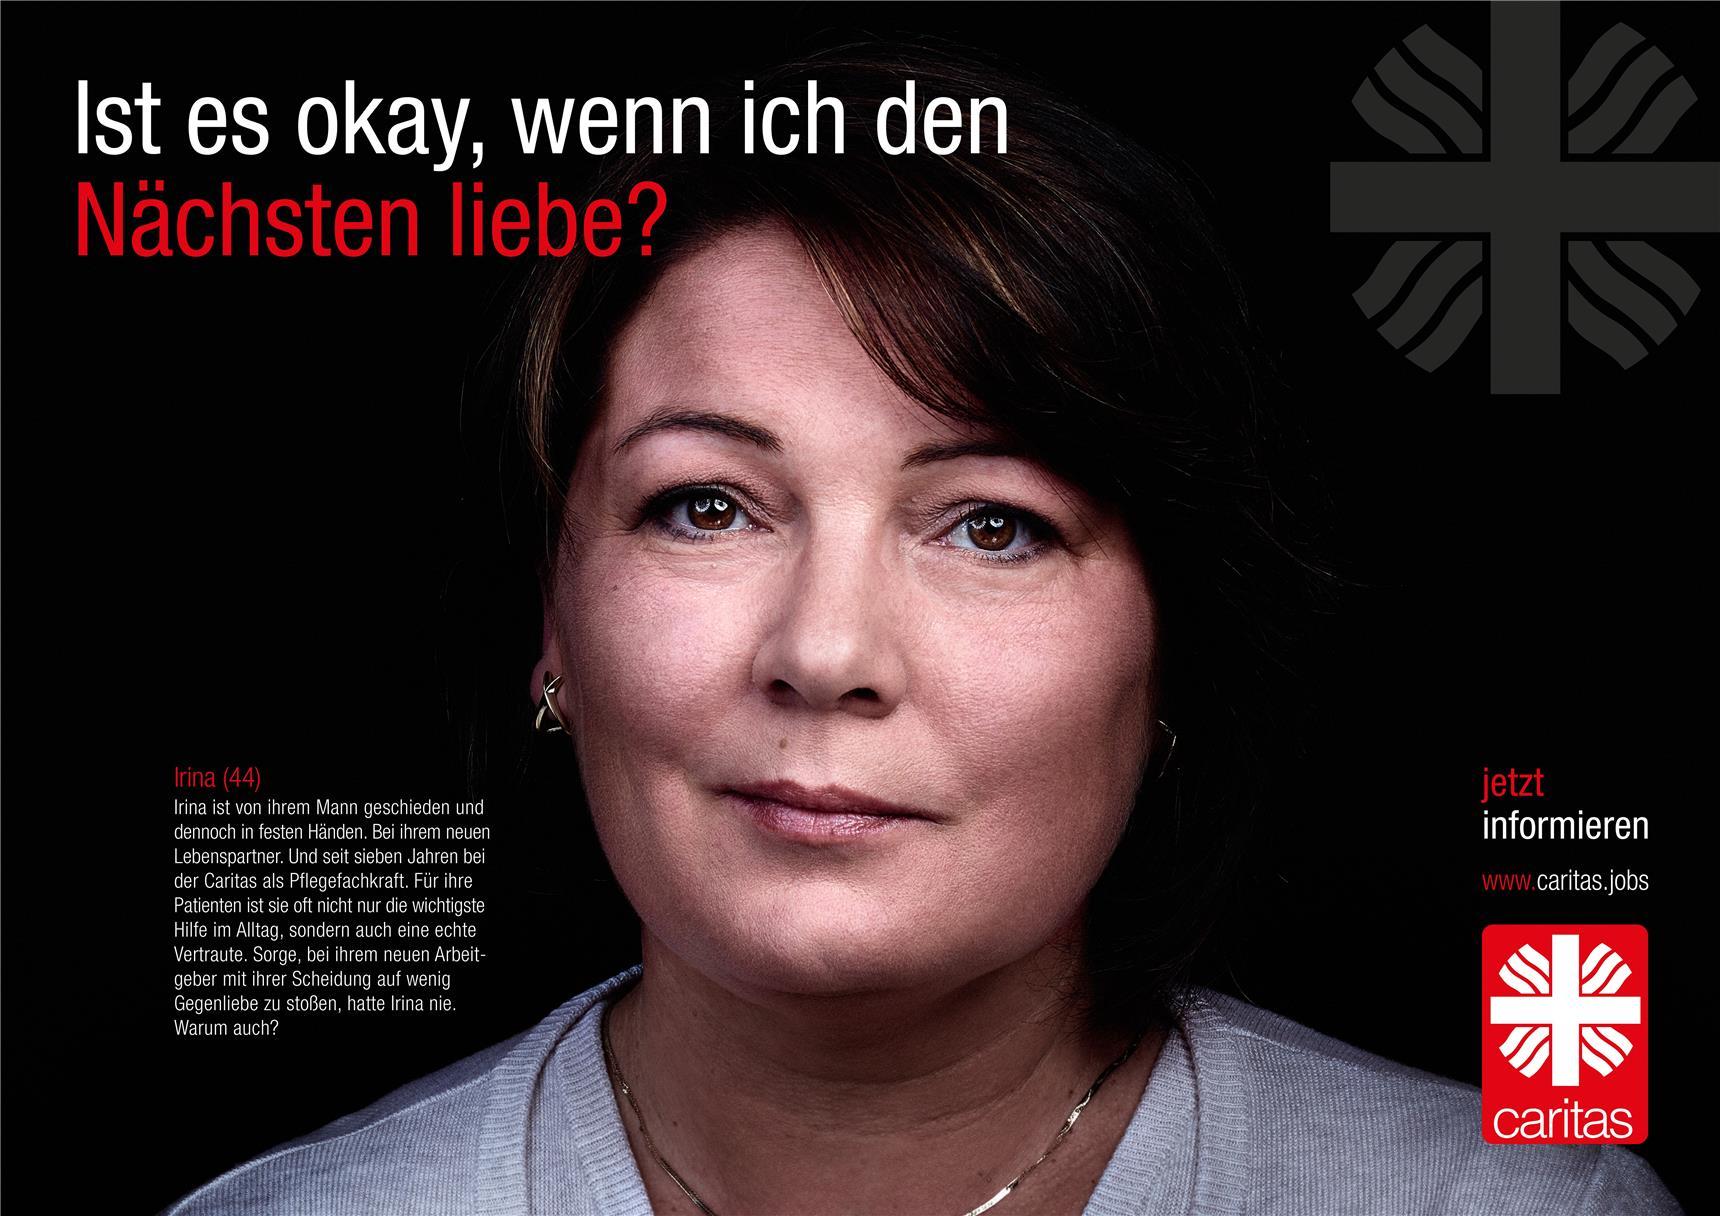 mann pergo frau single plank bremen sucht  Frau Sucht Mann In Bremen. Hausfrauen Gratis Ficken.